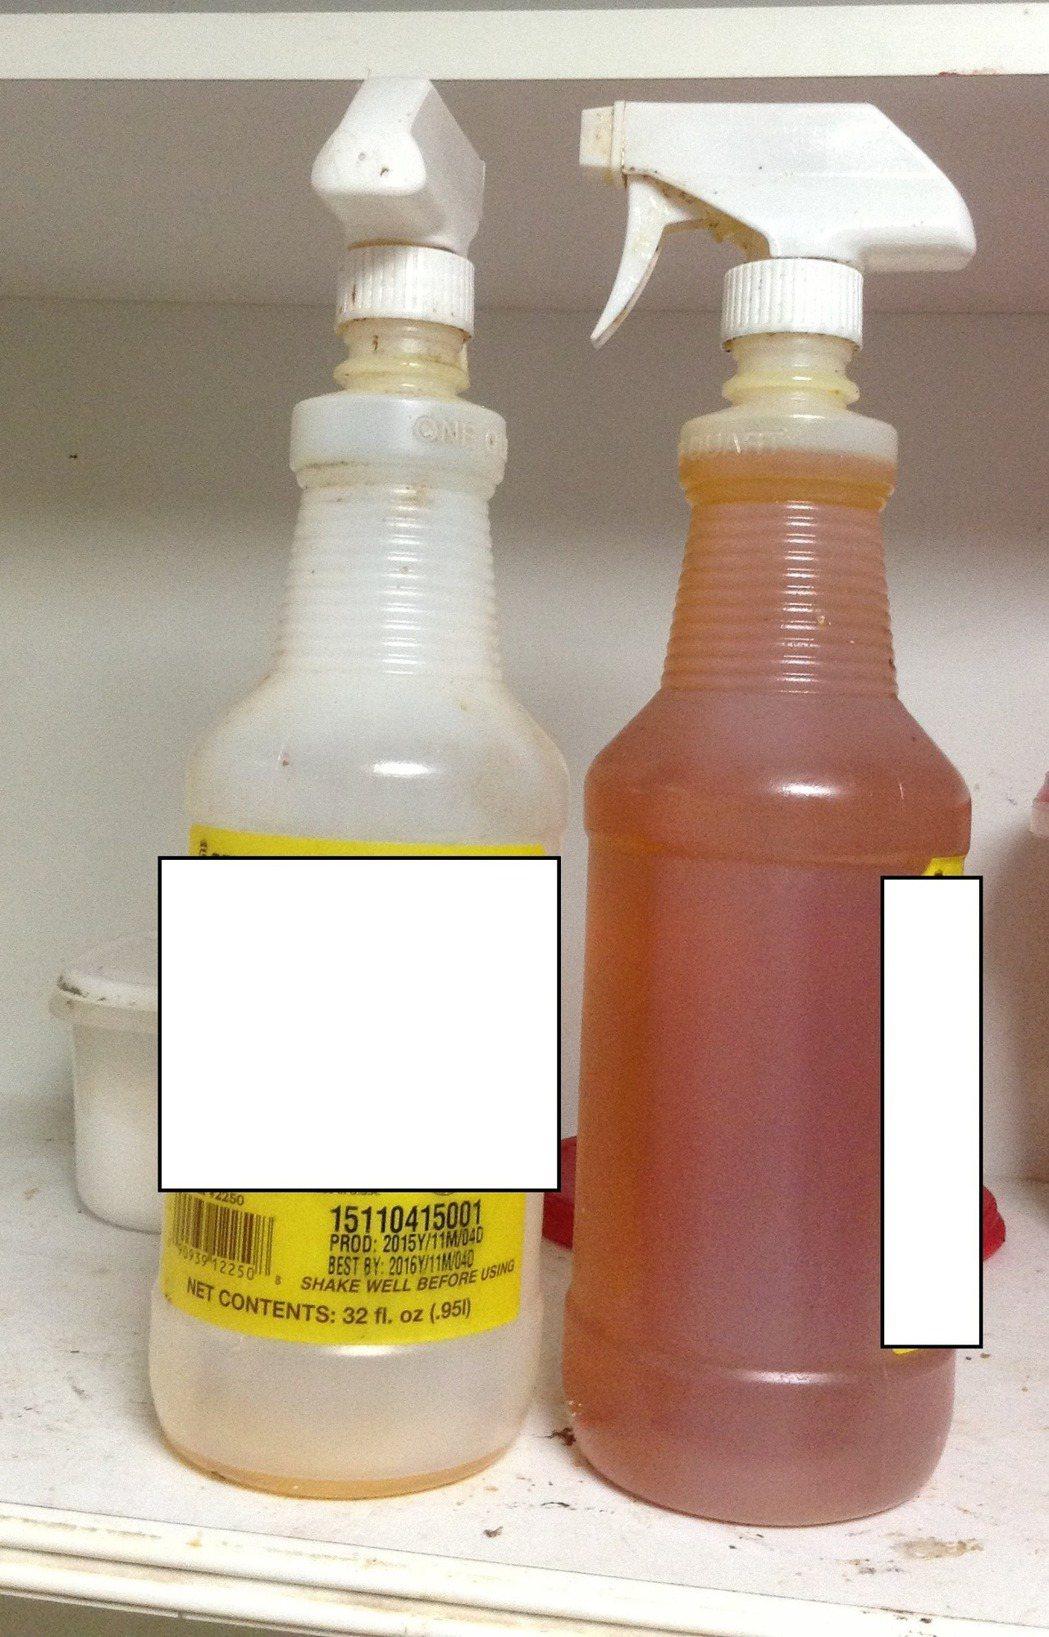 逾期的裹糖分離液。 圖/食藥署提供